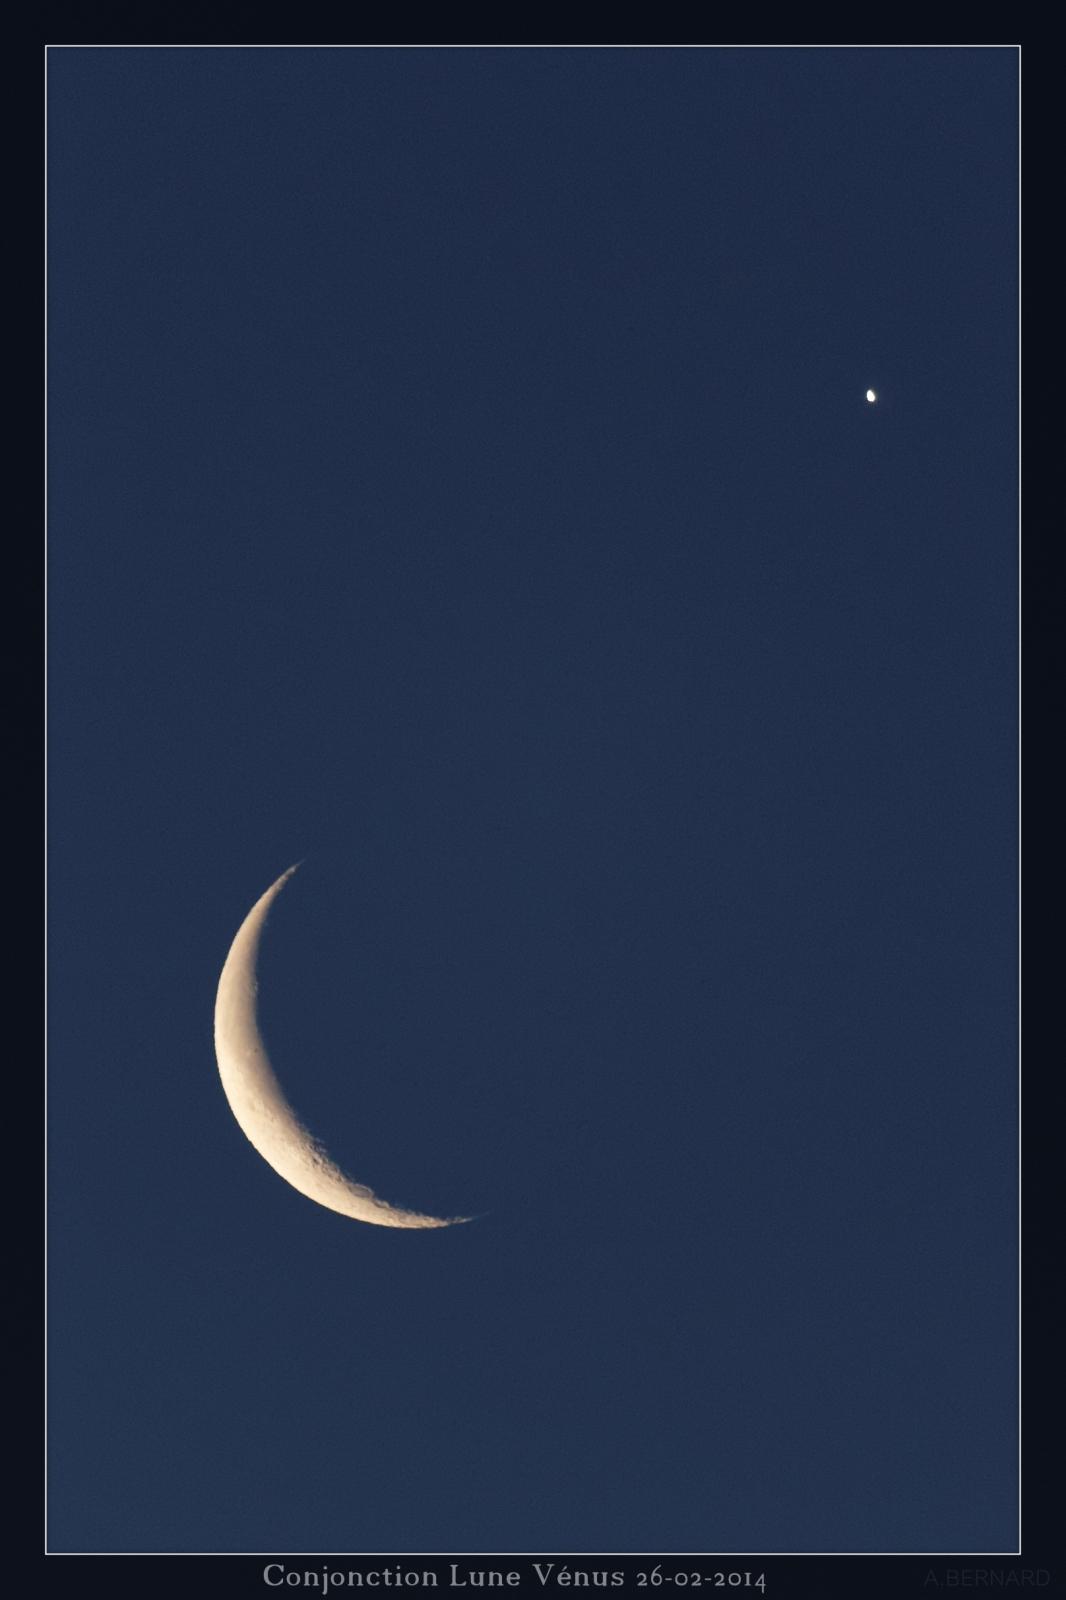 Lune - Vénus le 26-02-2014